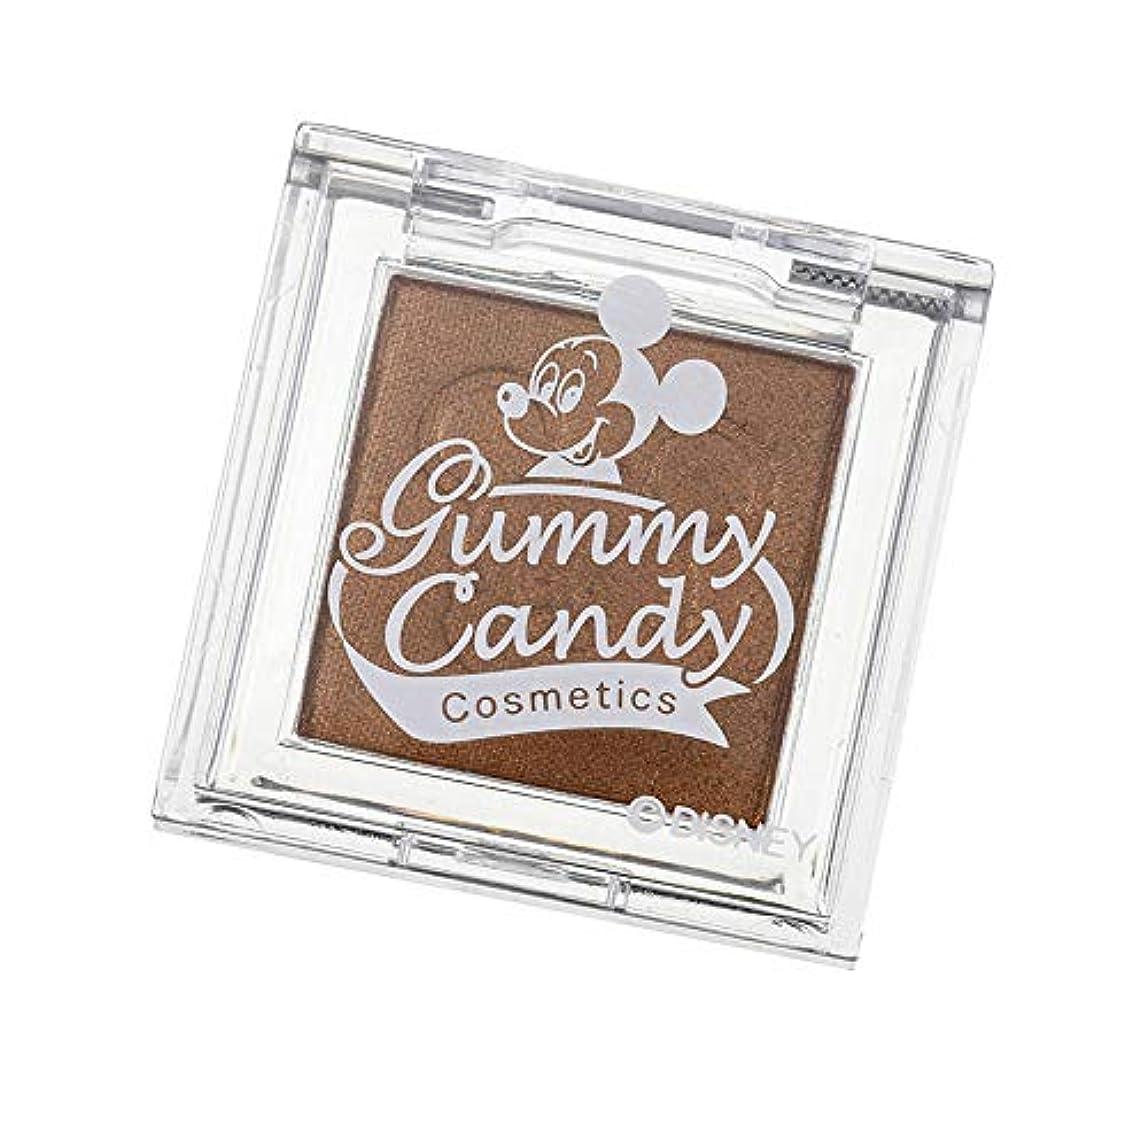 鳴り響く滑る抵抗ディズニーストア(公式)アイシャドウ ミッキー ブラウン Gummy Candy Cosme